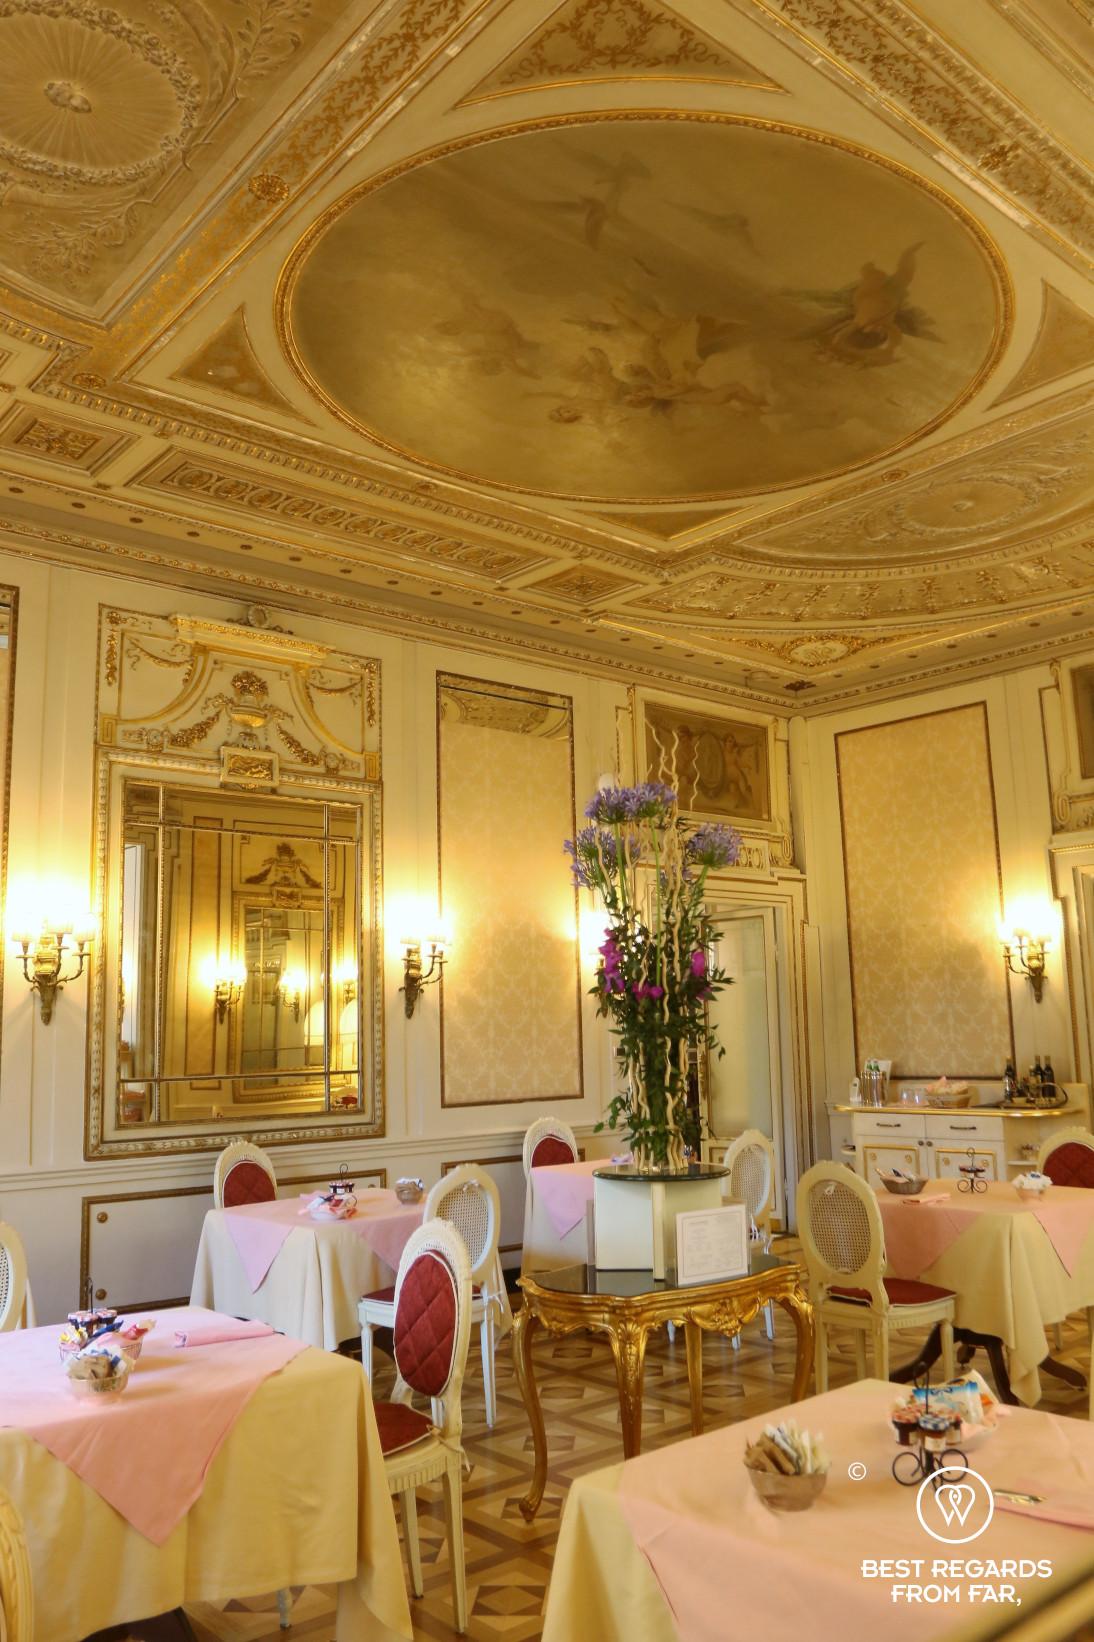 Breakfast room with frescos, Hotel Bristol Palace, Genoa, Liguria, Italy